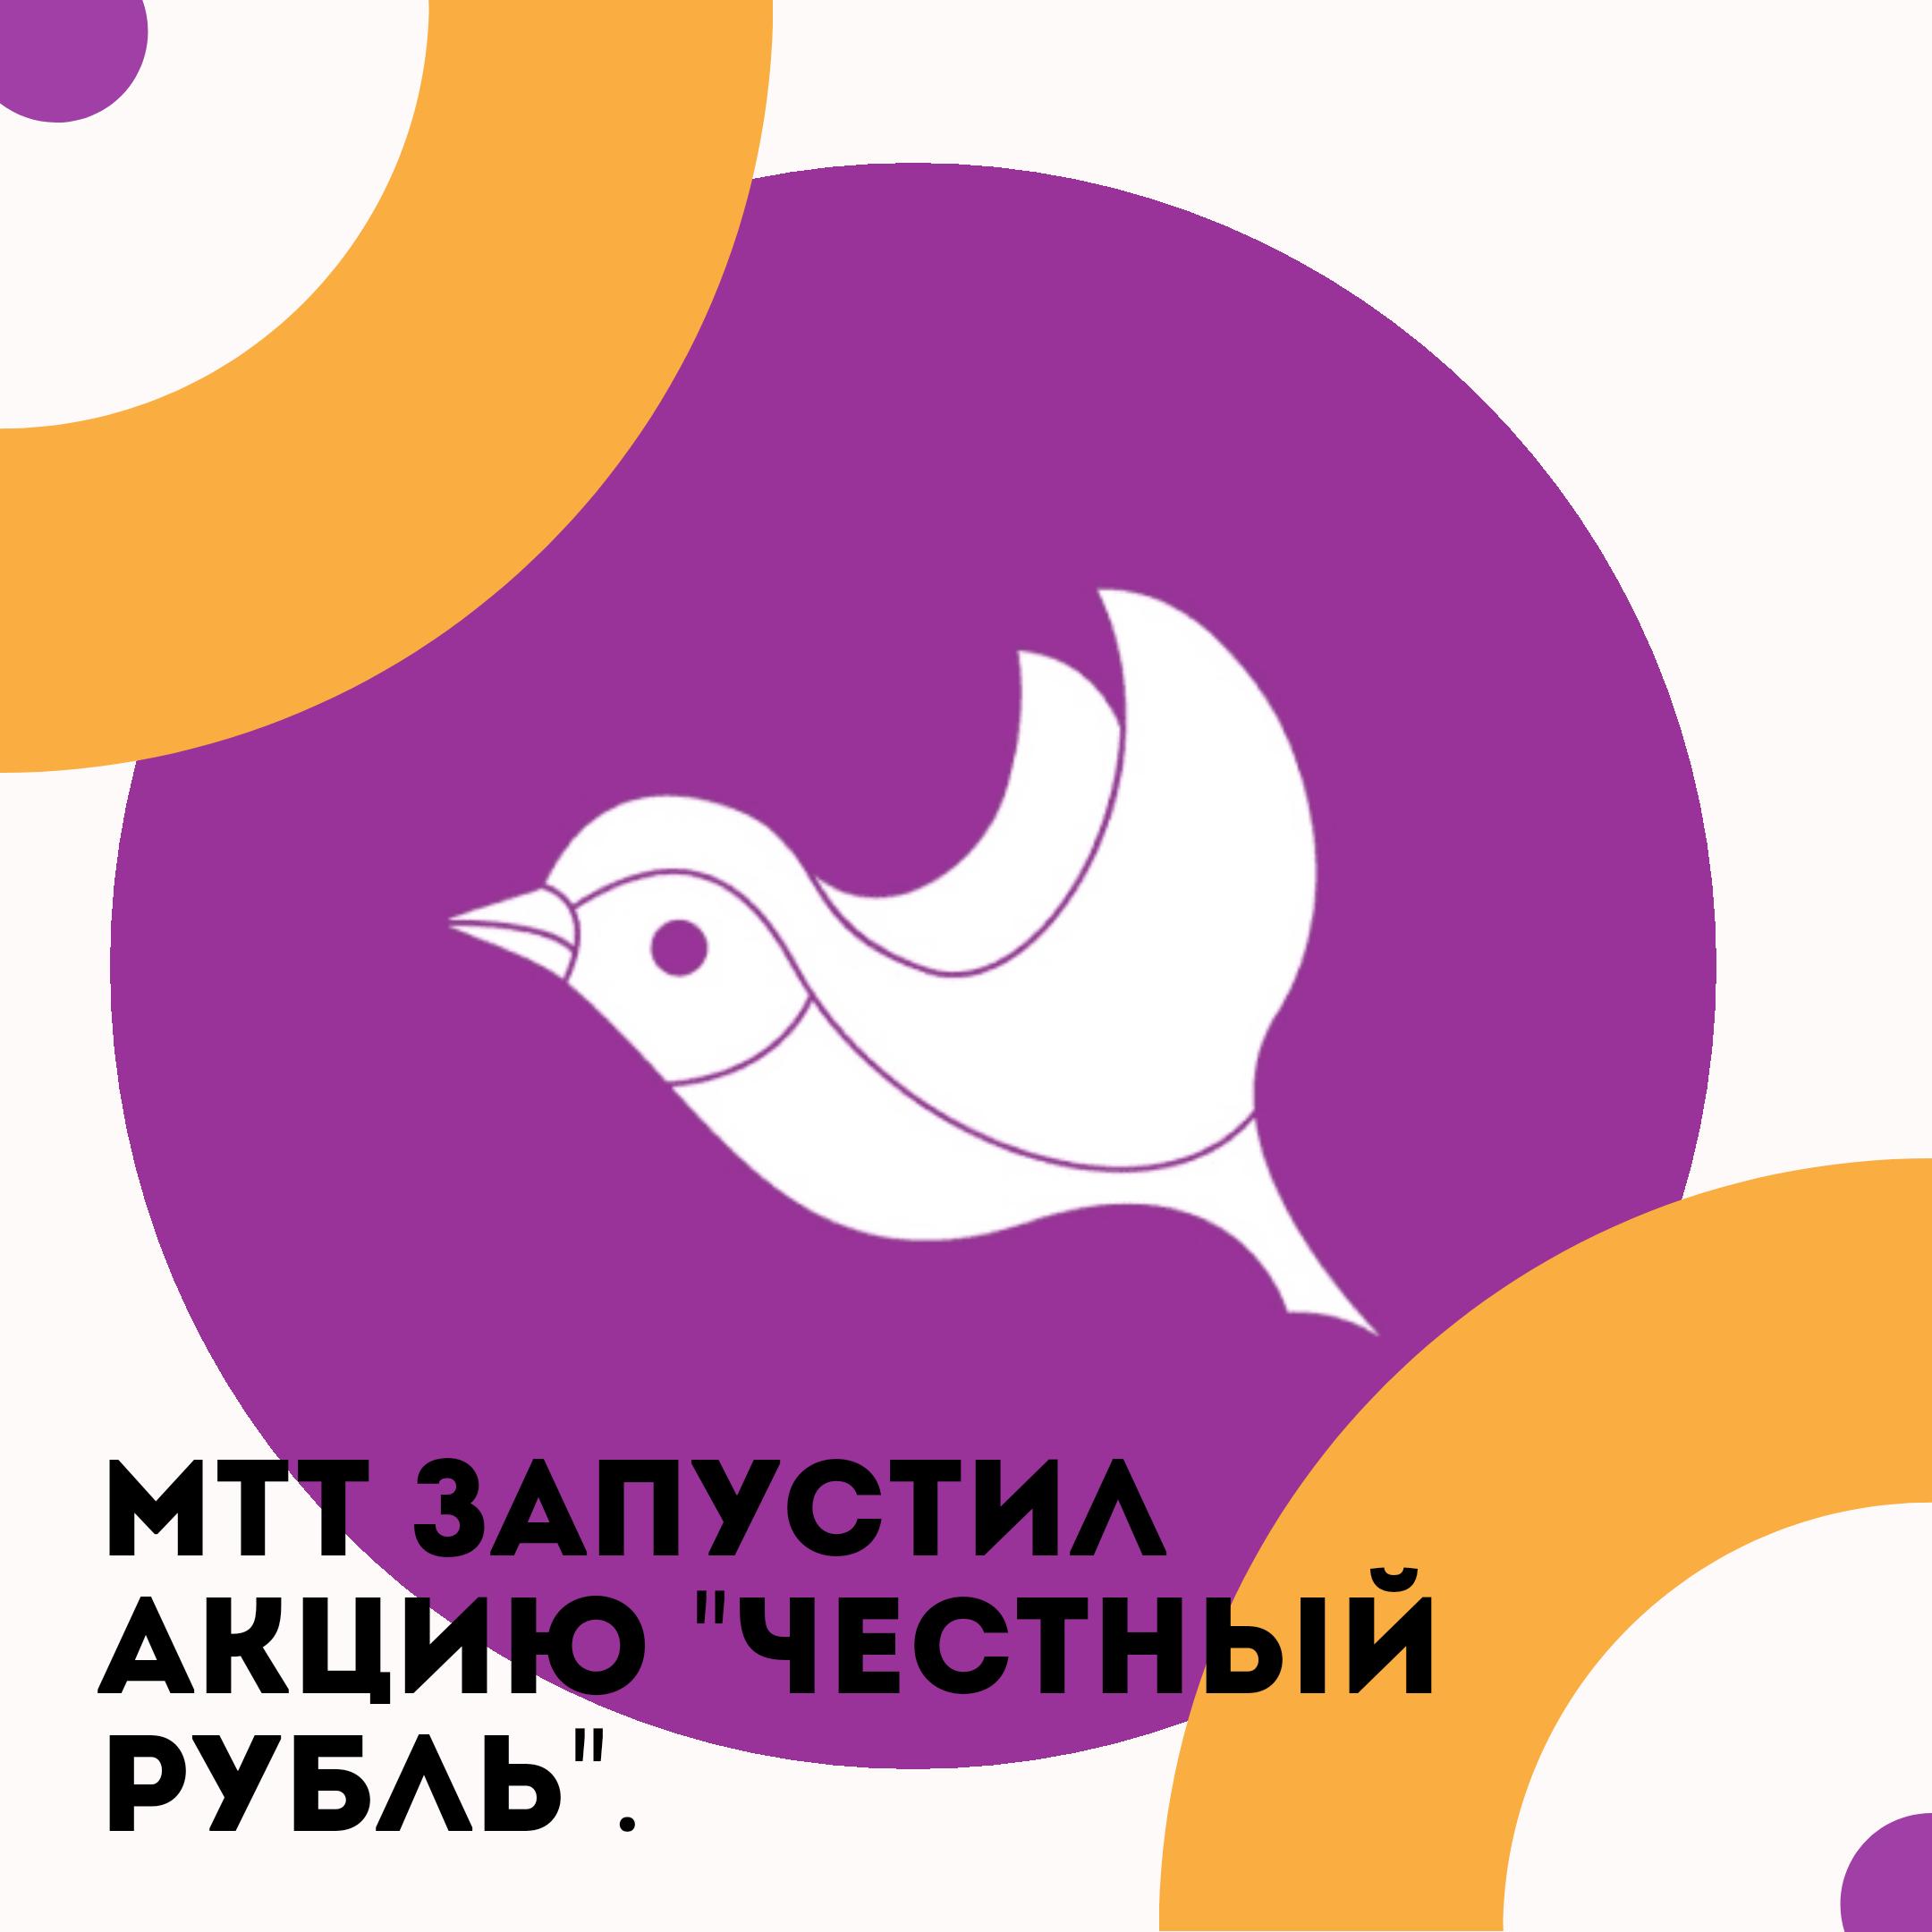 МТТ запустил акцию «Честный рубль!» 1